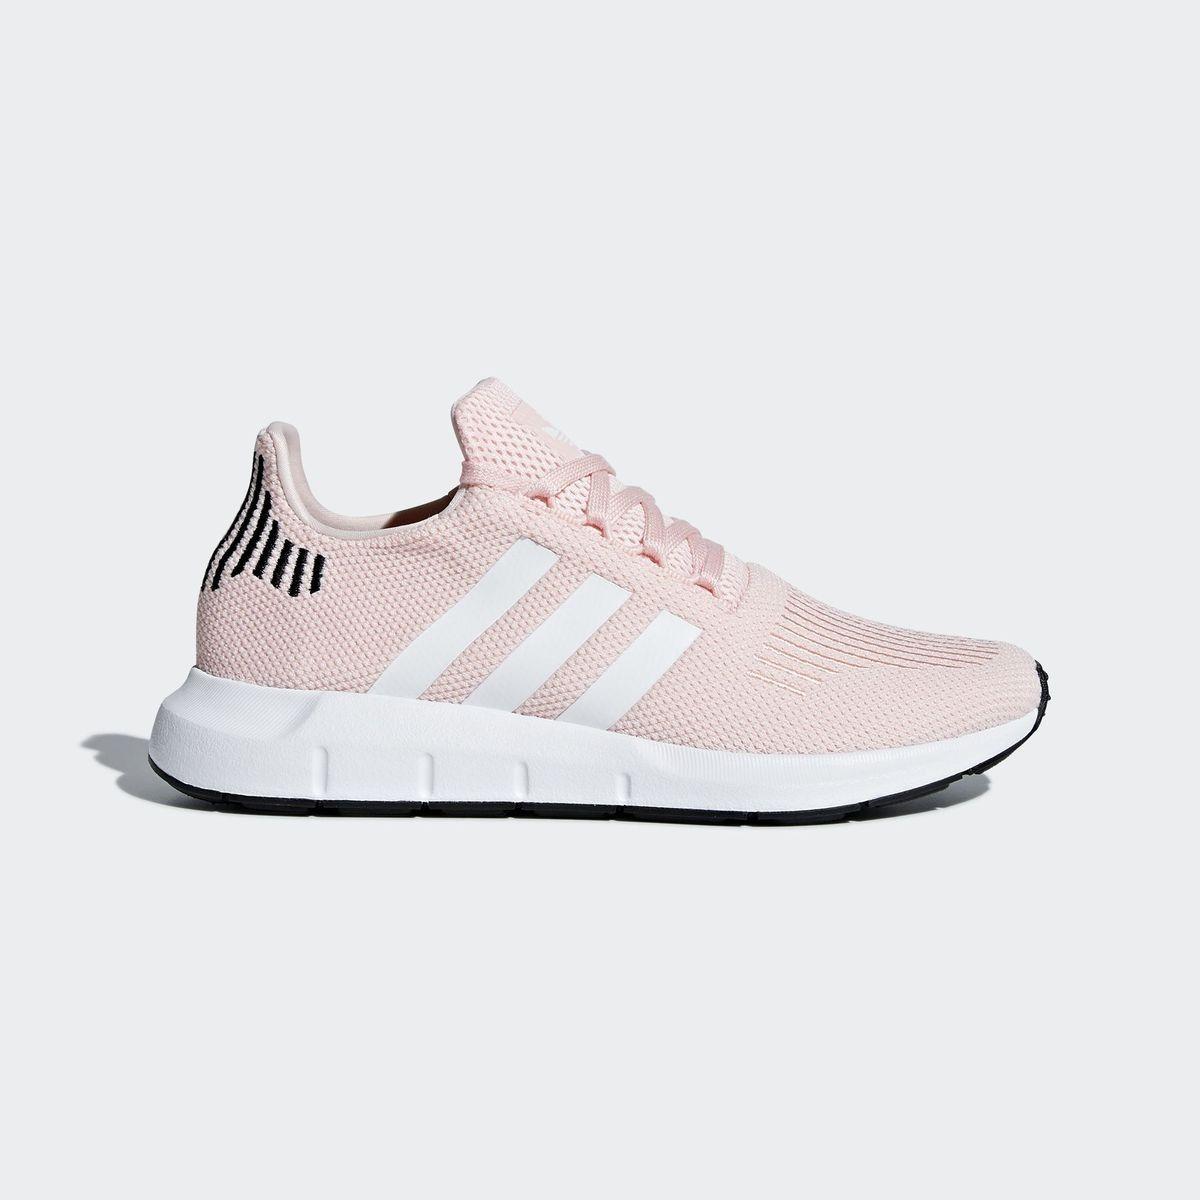 adidas Originals Swift Run chaussures running femme Gris Rose